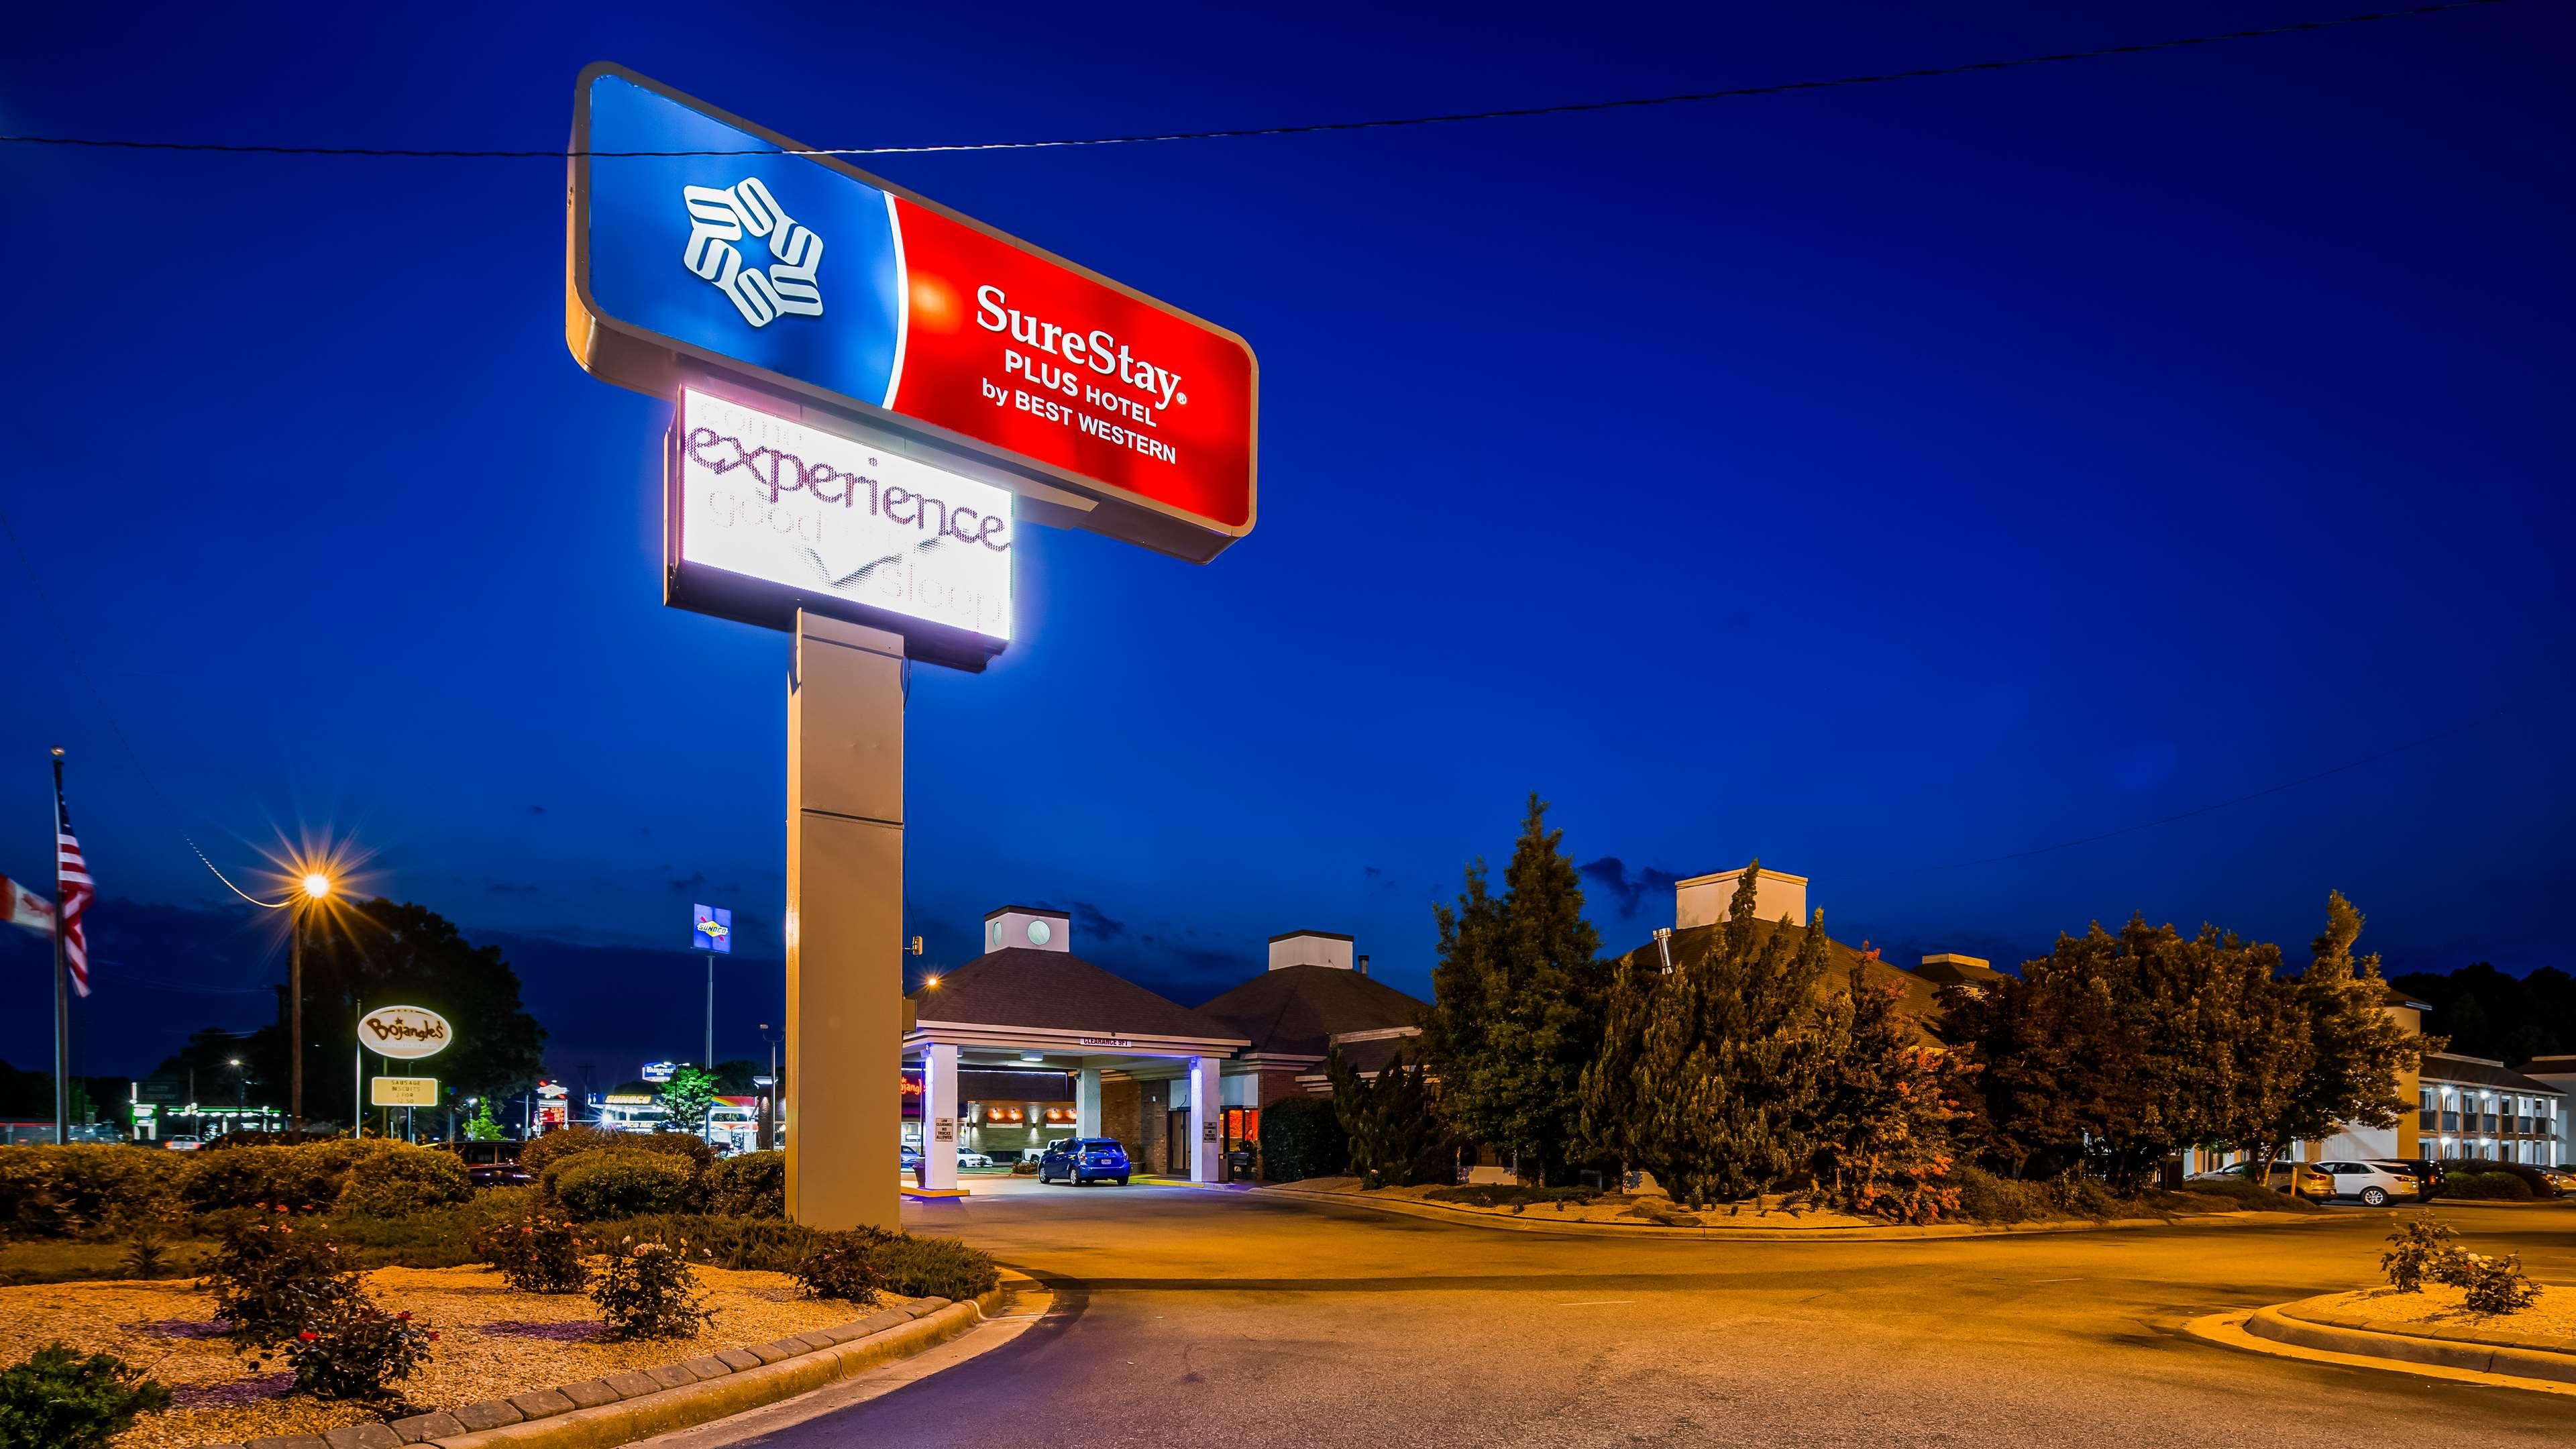 SureStay Plus Hotel by Best Western Fayetteville image 2